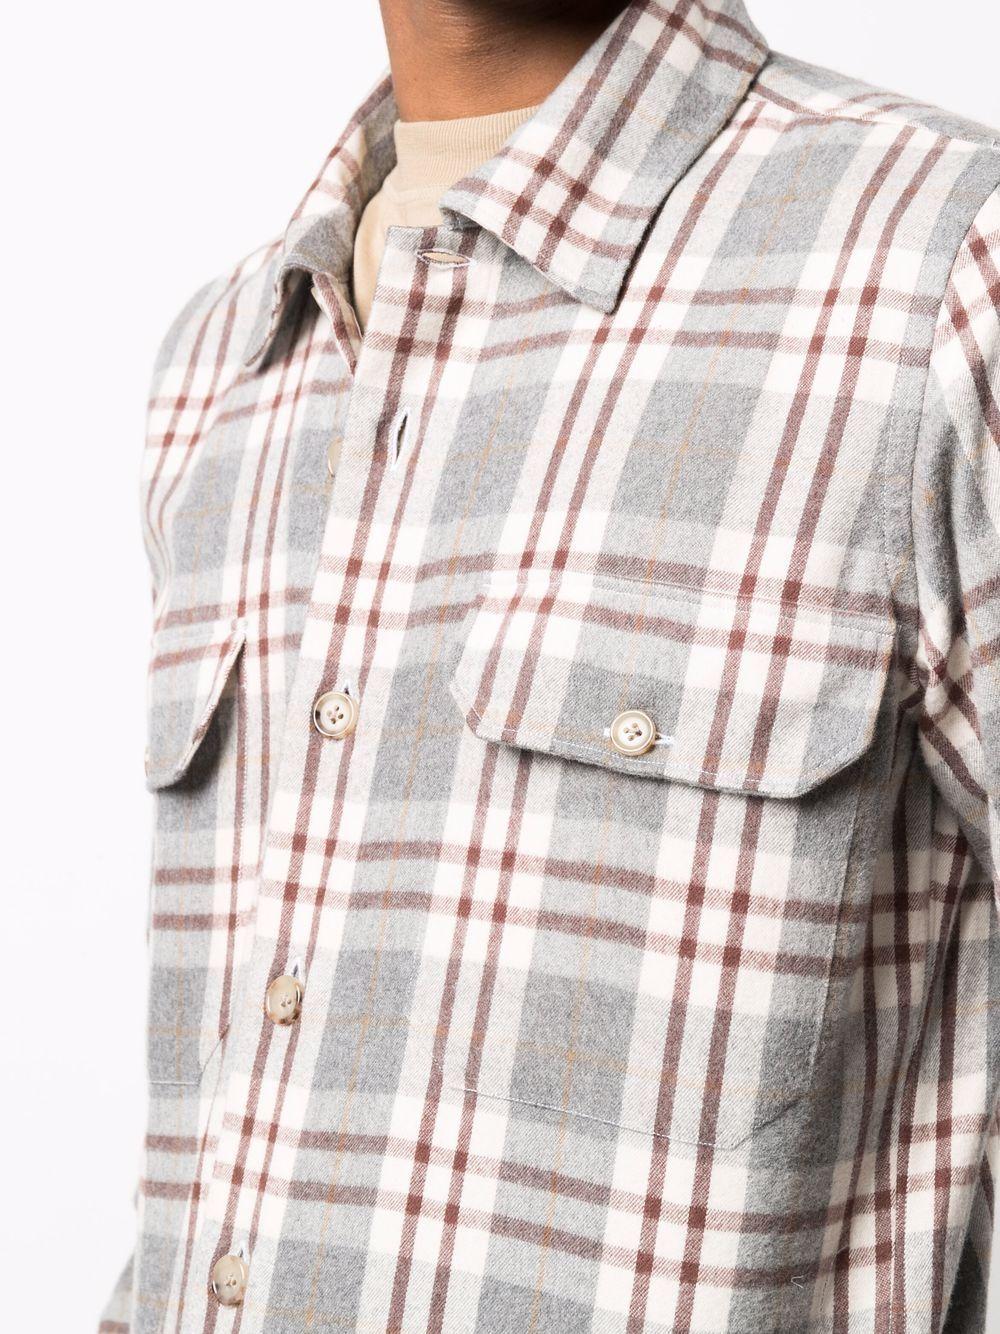 Camicia in cotone grigio chiaro con stampa check  ELEVENTY |  | D75CAMD01-TES0D09714